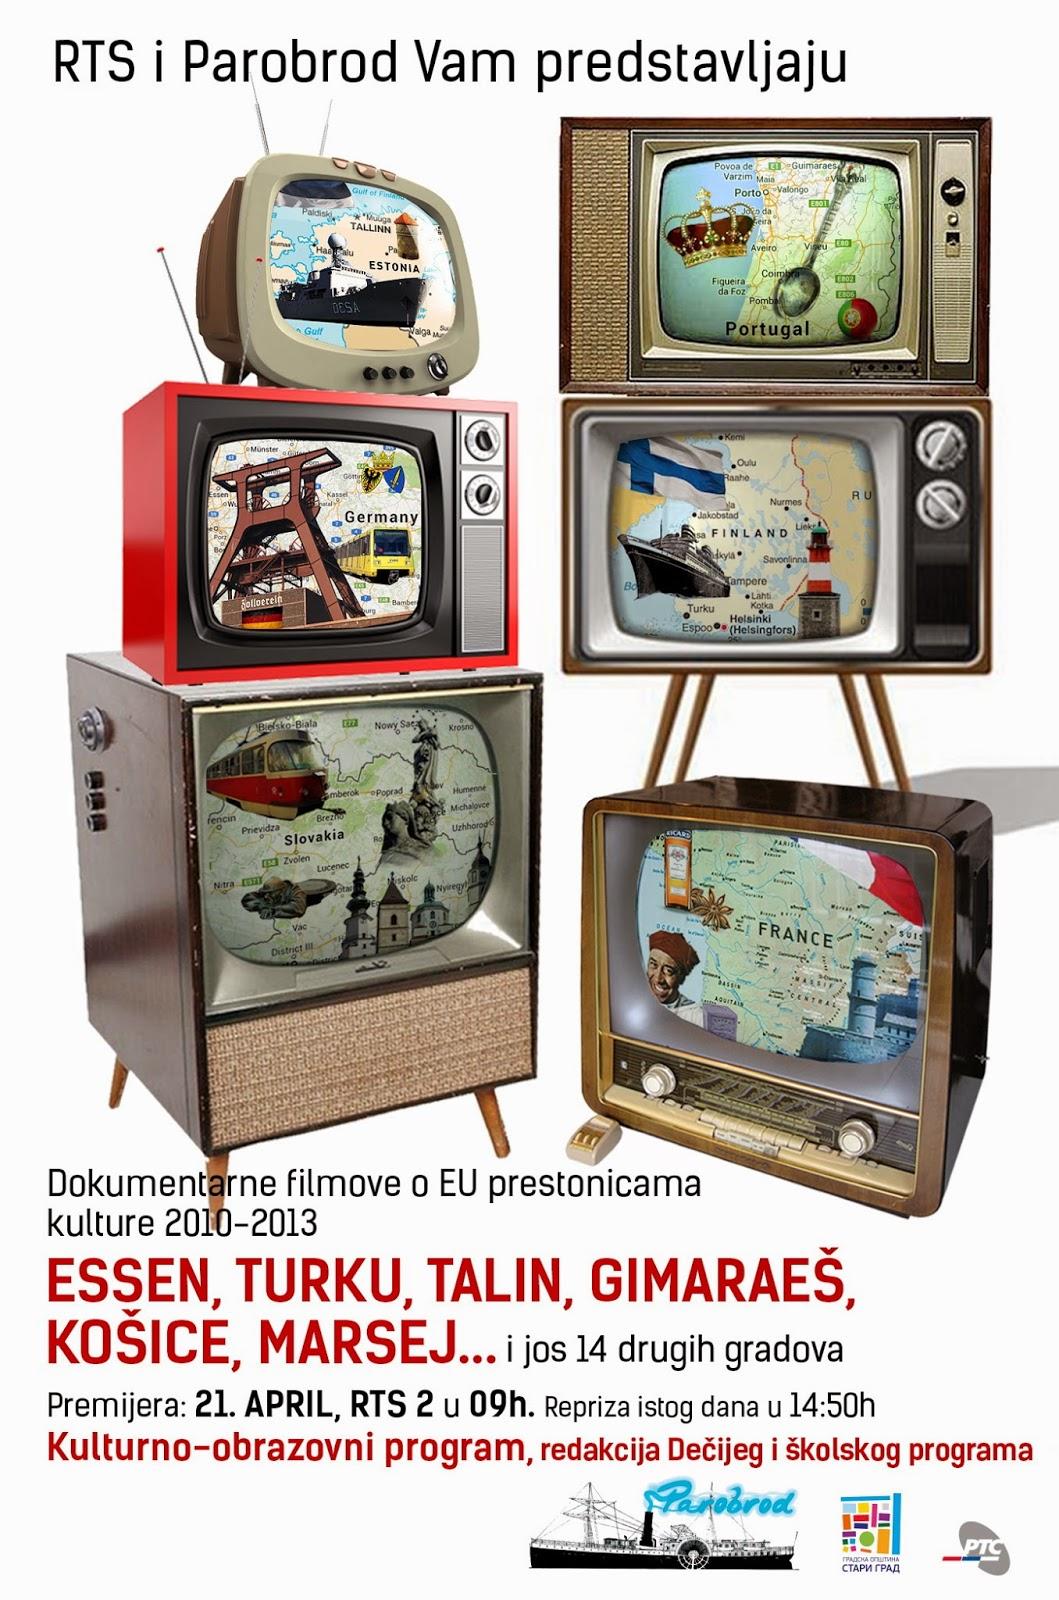 Dokumentarni filmovi o evropskim prestonicama kulture na RTS-u